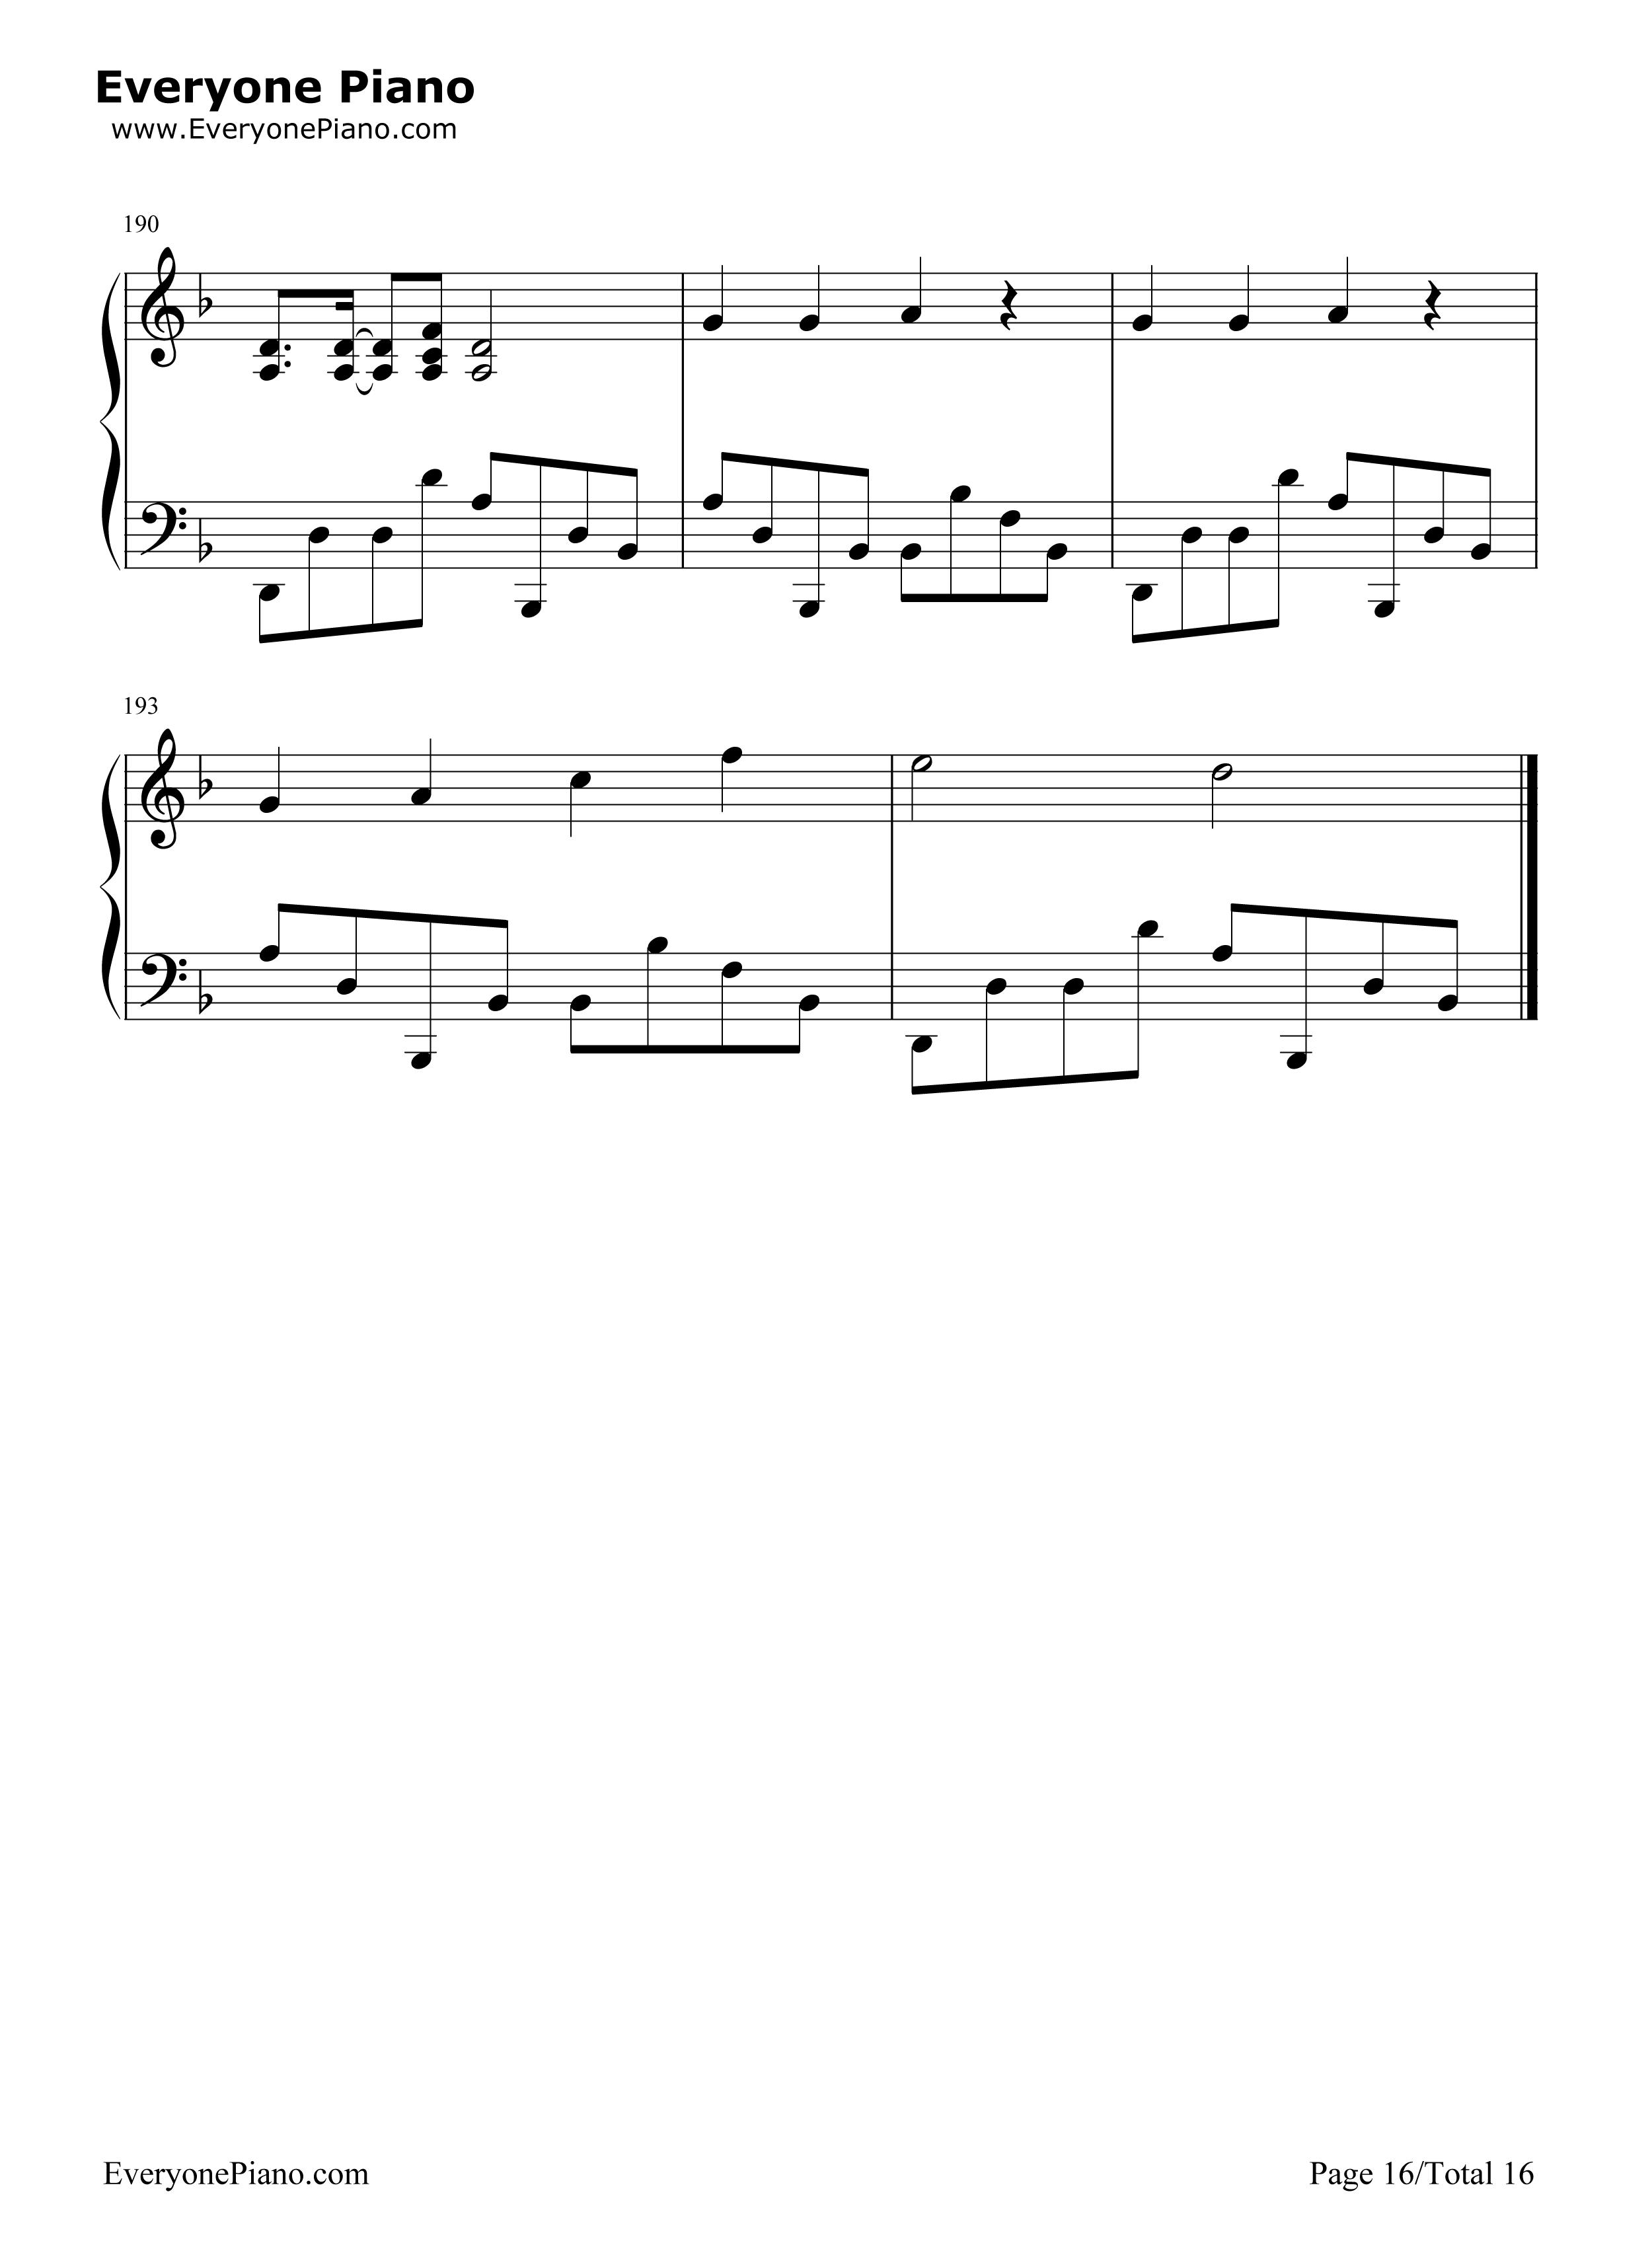 钢琴曲谱 流行 千本樱变奏曲 千本樱变奏曲五线谱预览16  }  仅供学习